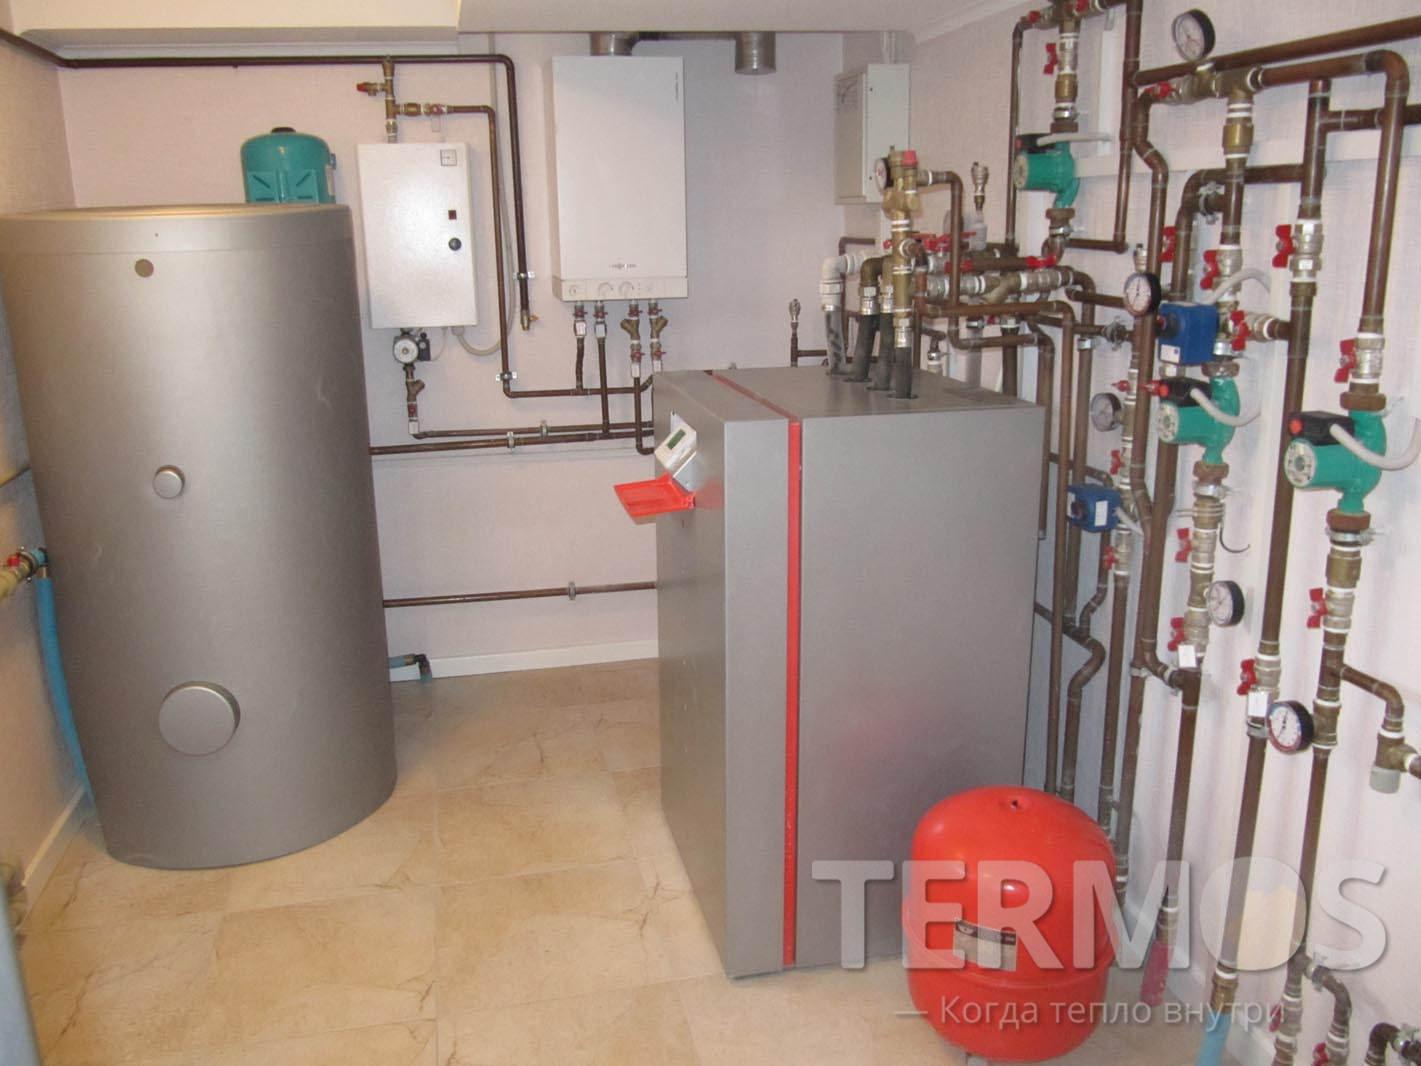 2007 год. Пуховка. Система отопления на геотермальном тепловом насосе VIESSMANN Vitocal 17 кВт